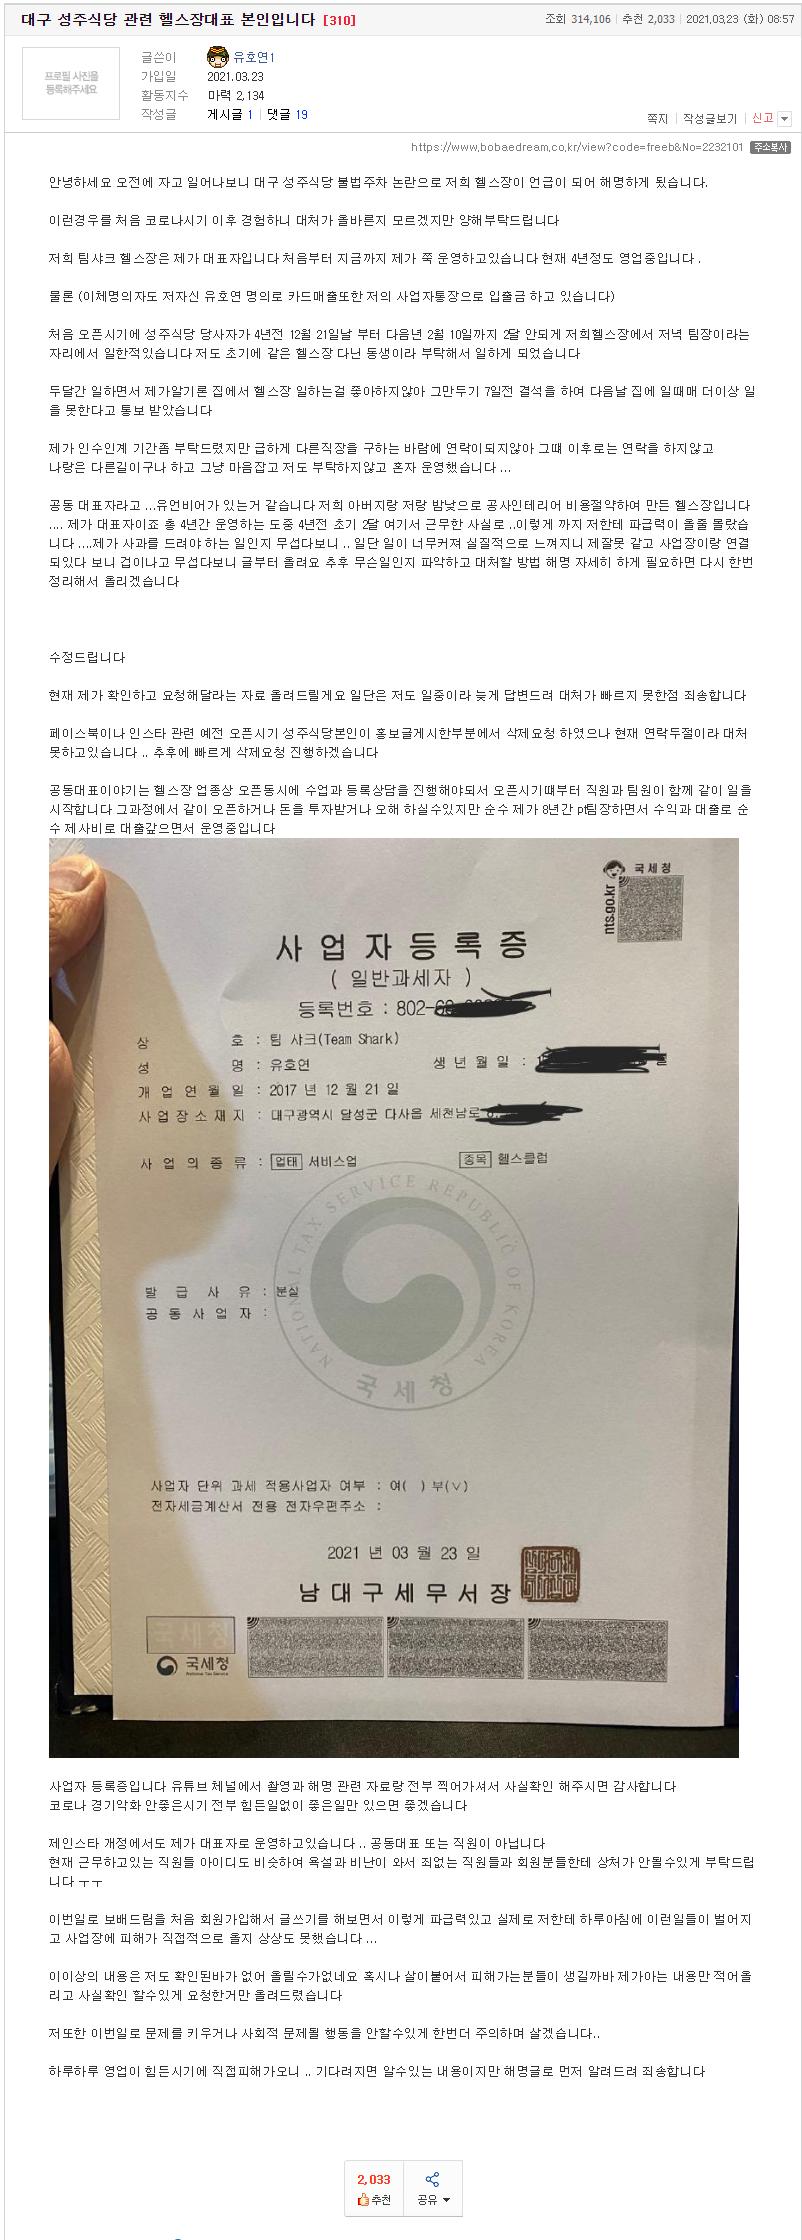 대구 성주식당 렉스턴 아들 누리꾼과 한 충격적인 통화내용(+배민 근황 페이스북 명함 인스타)